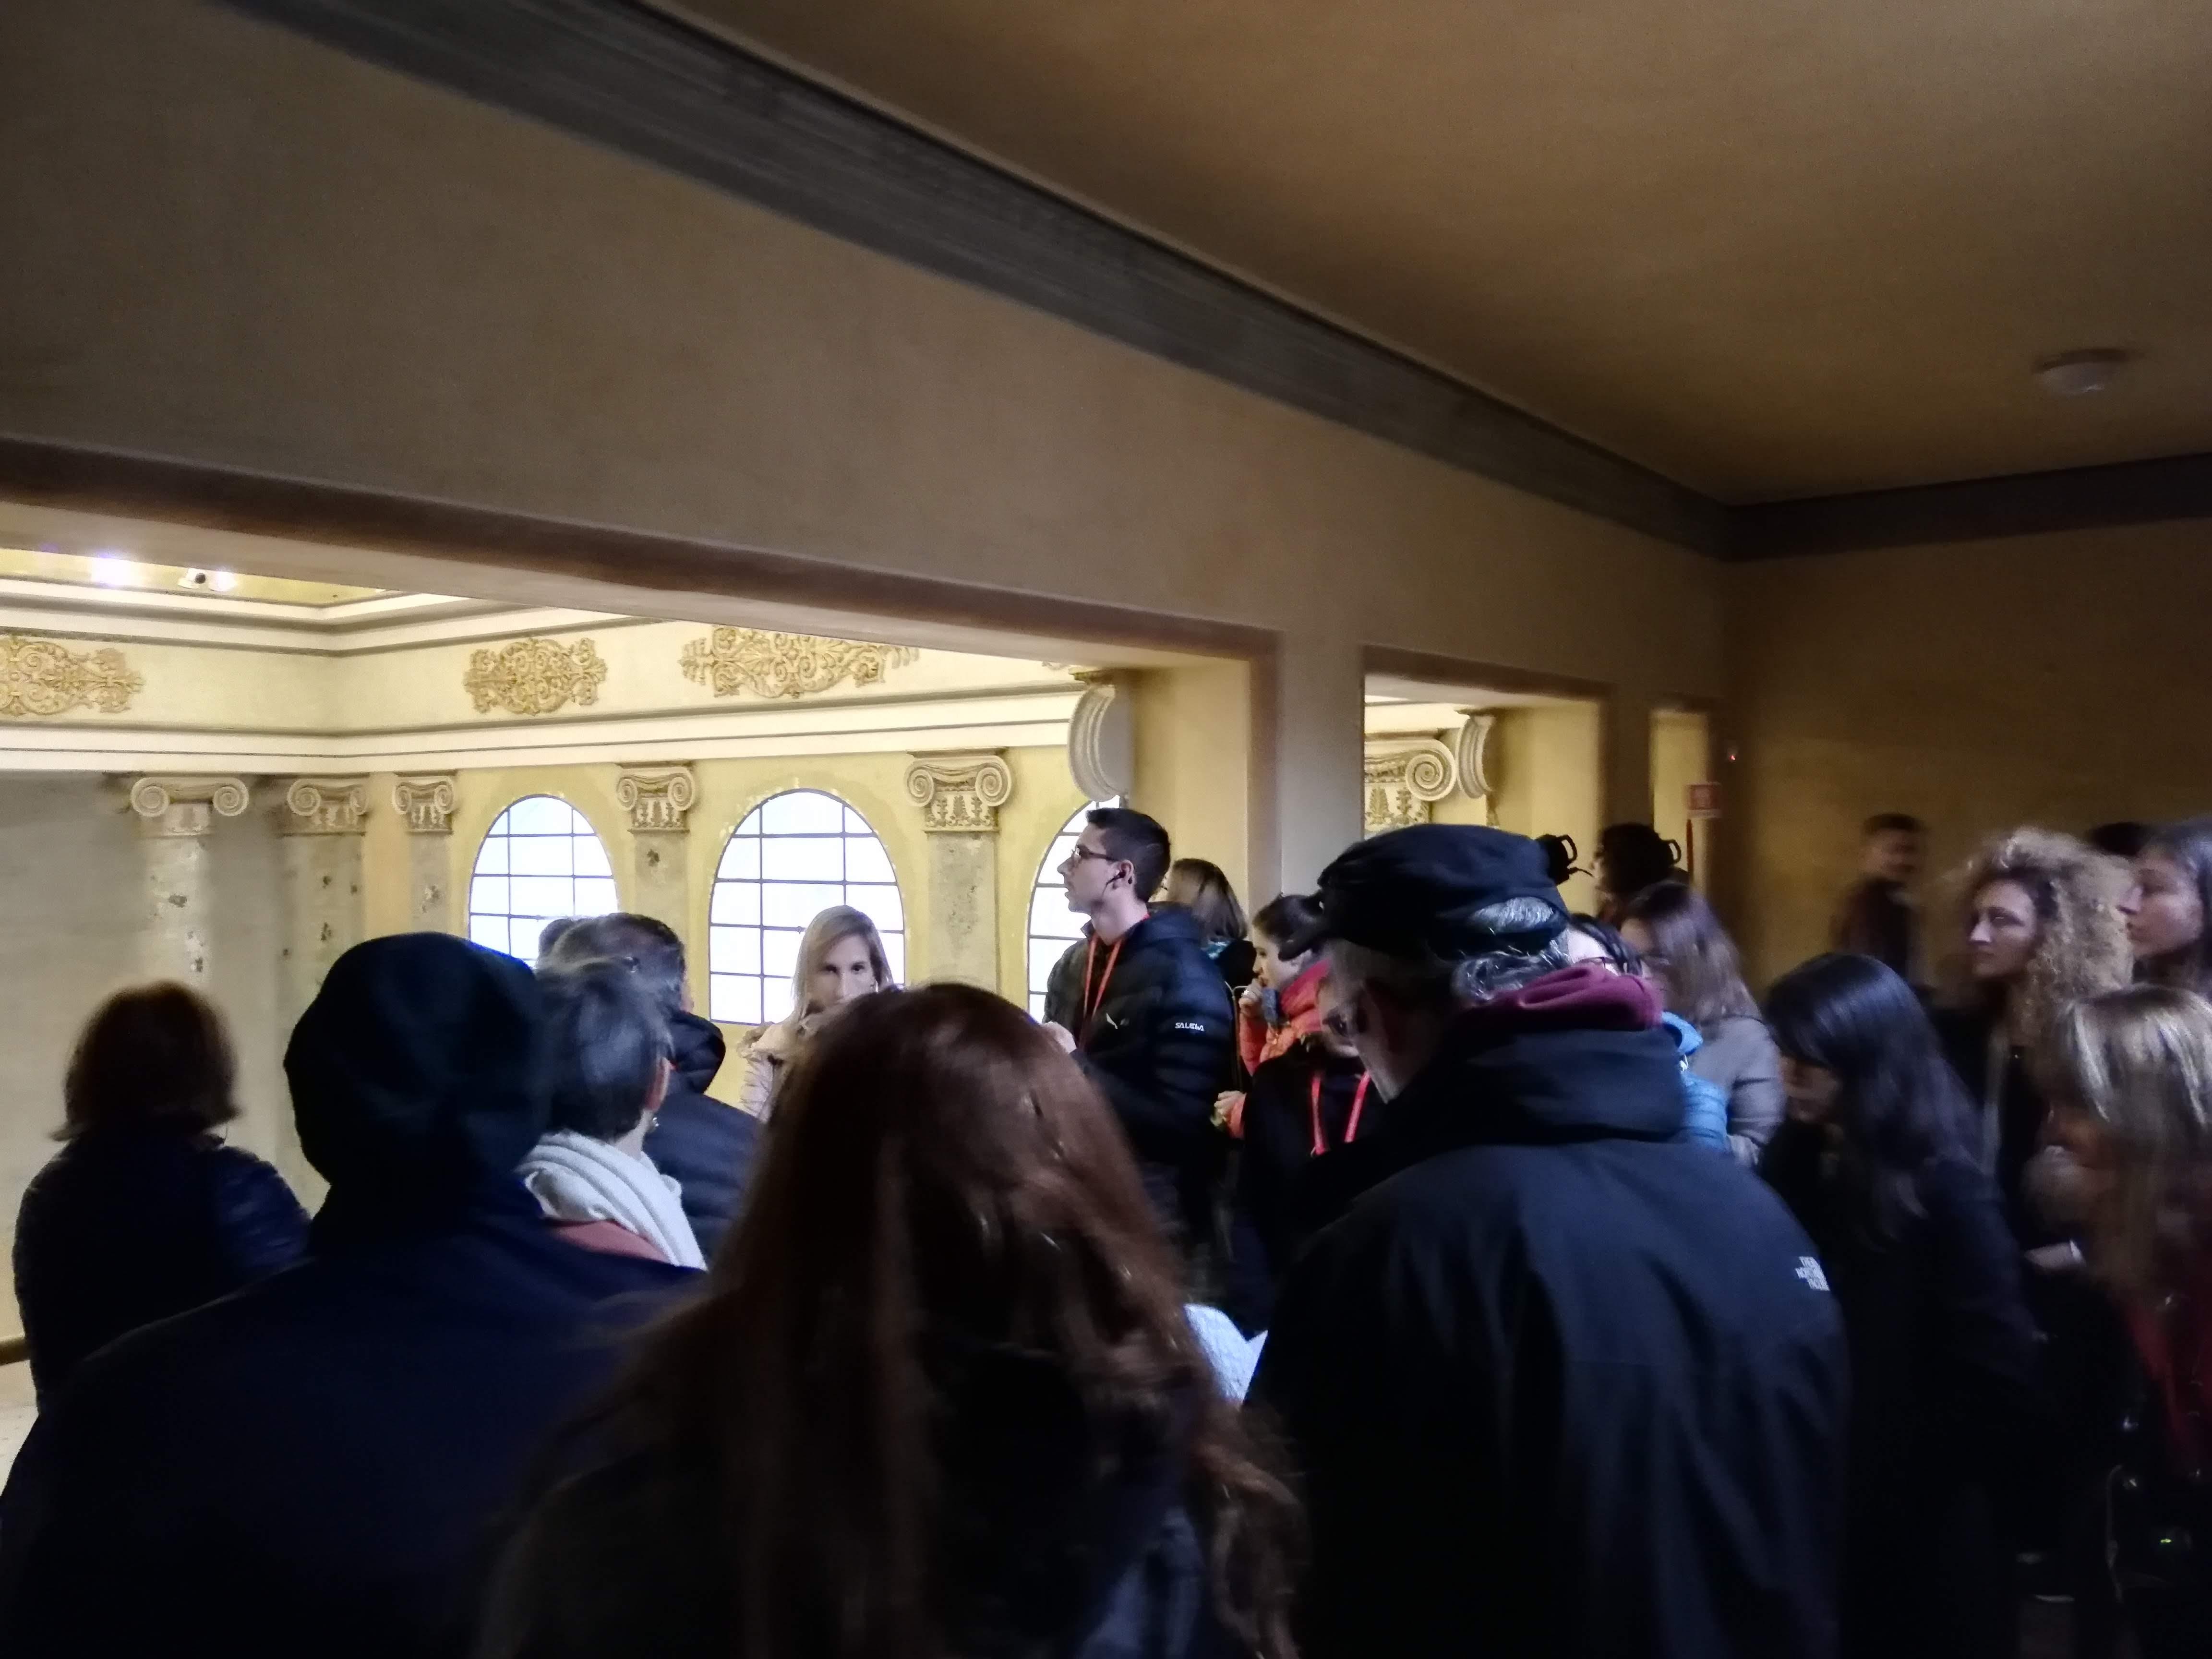 Visita al Ghetto ebraico e Sinagoga di Reggio Emilia